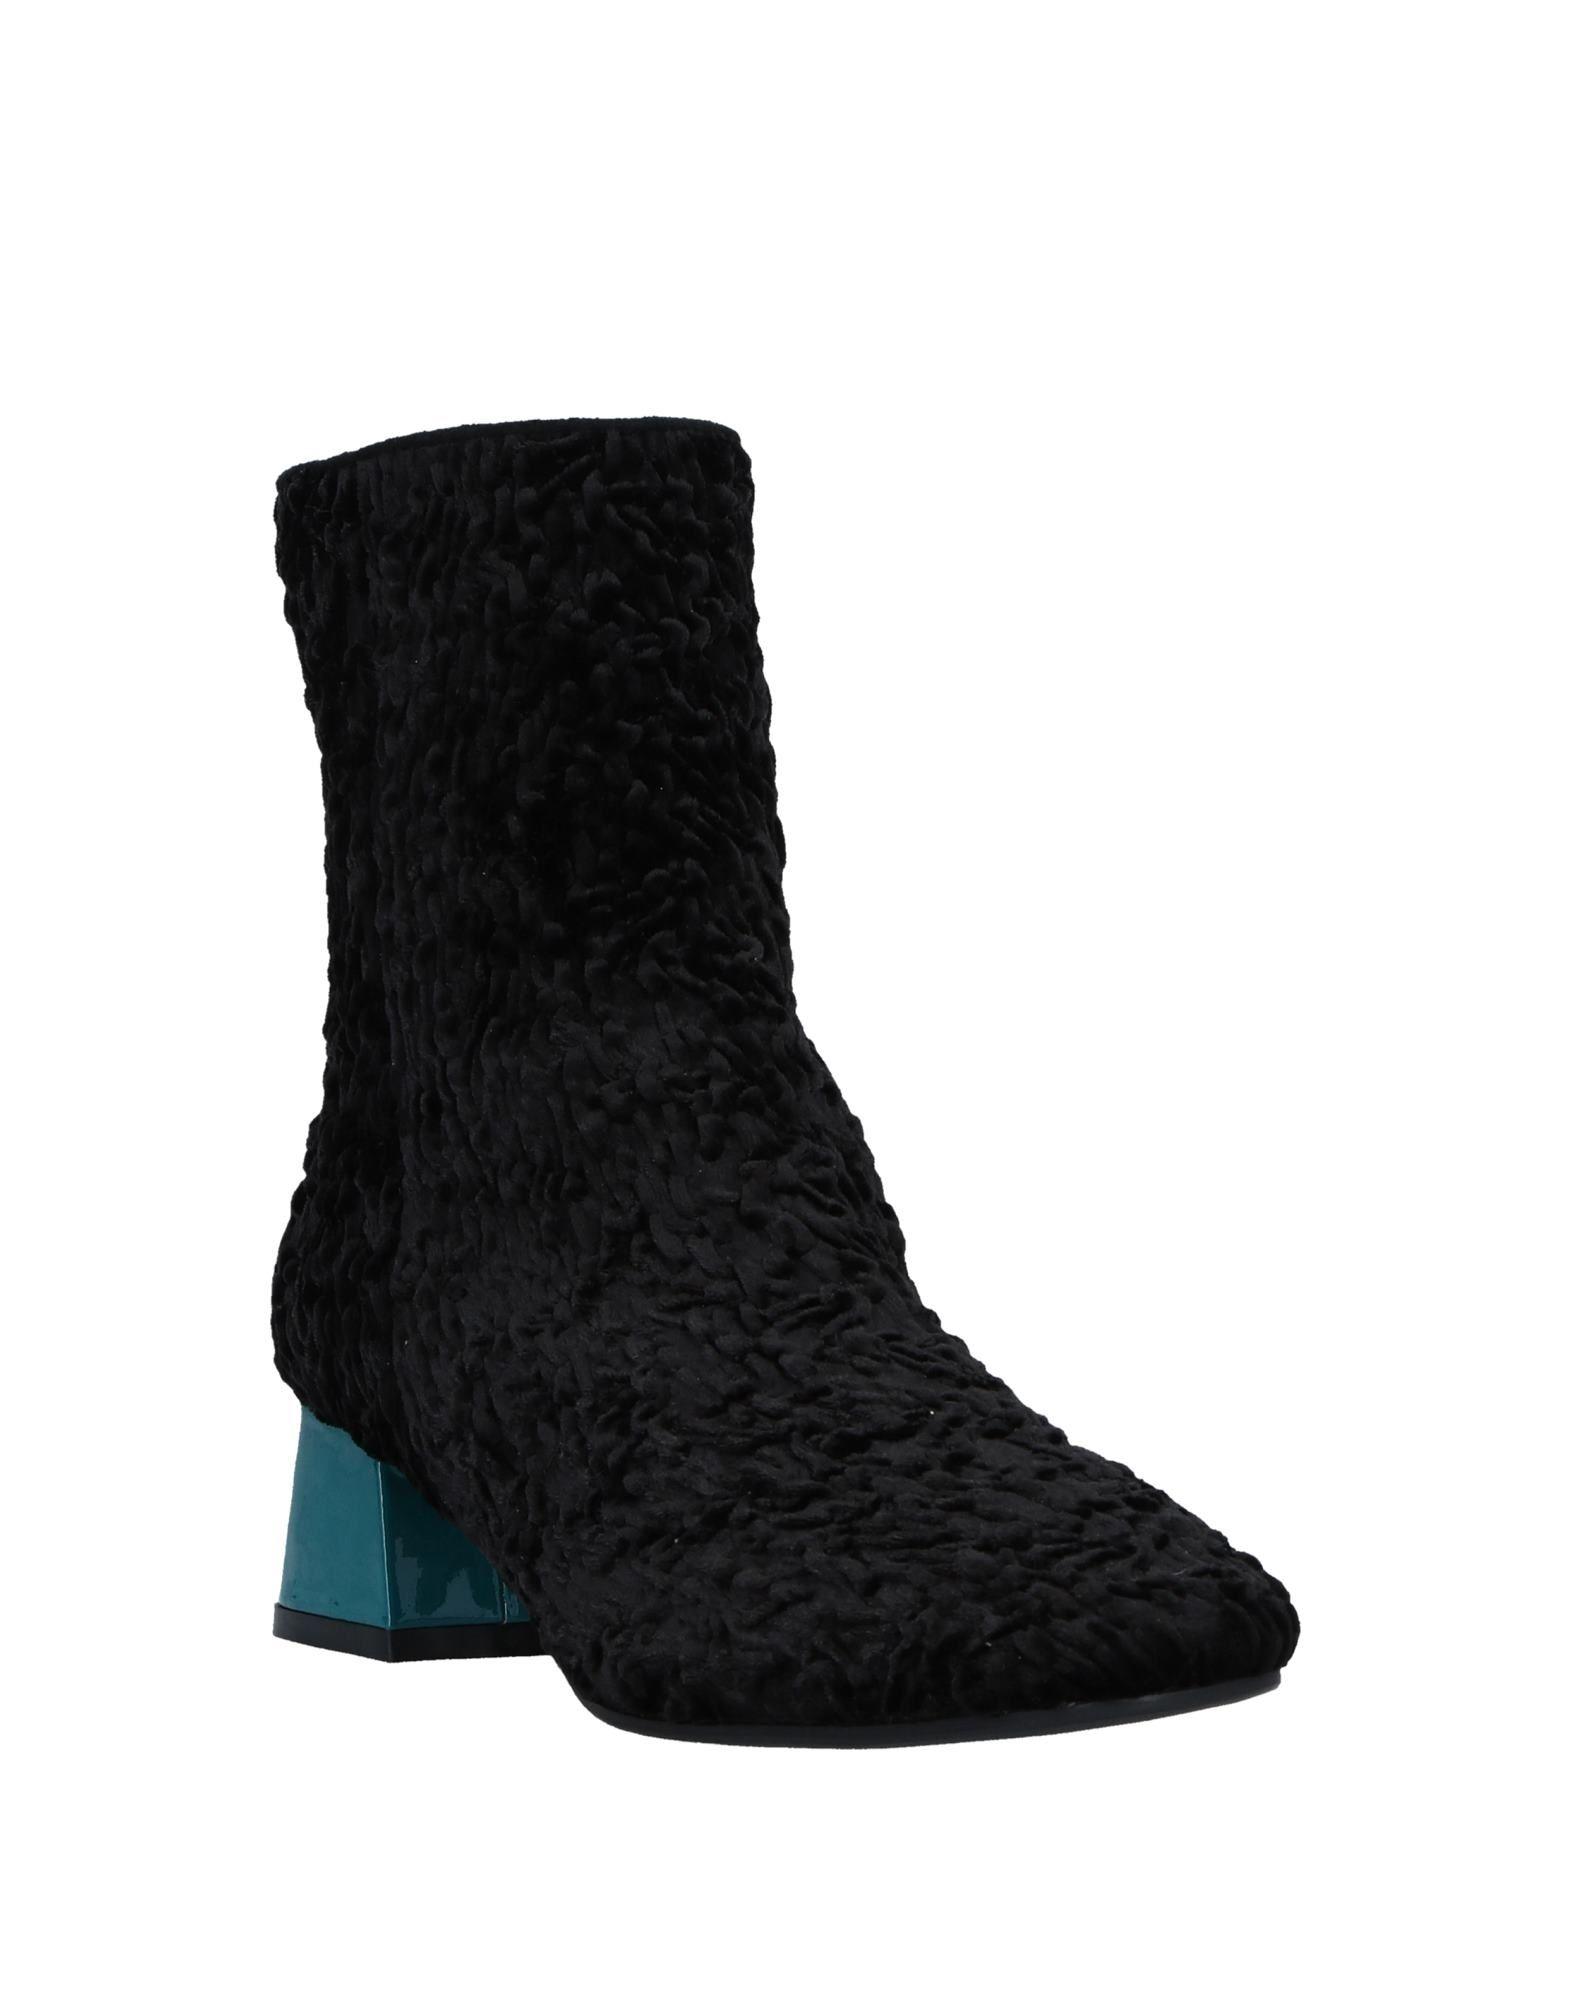 Marc Ellis Stiefelette Damen  11537604VS Gute Qualität beliebte Schuhe